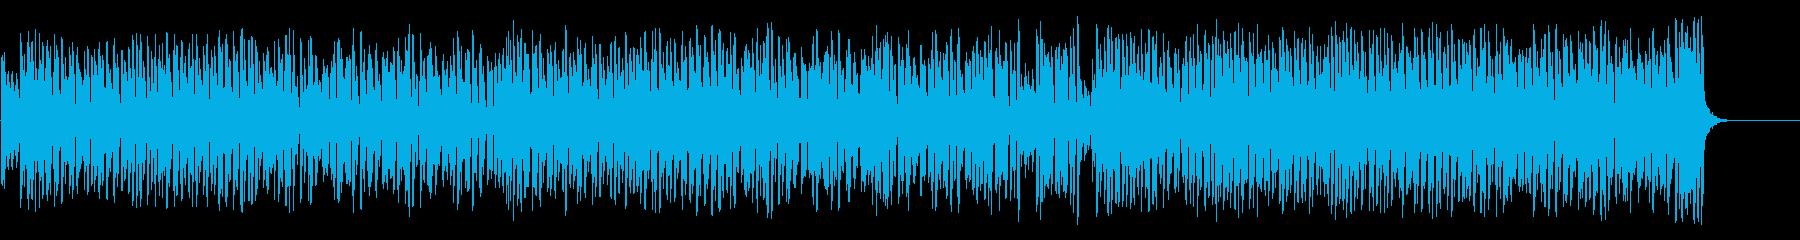 スウィングとピアノのジャズポップスの再生済みの波形